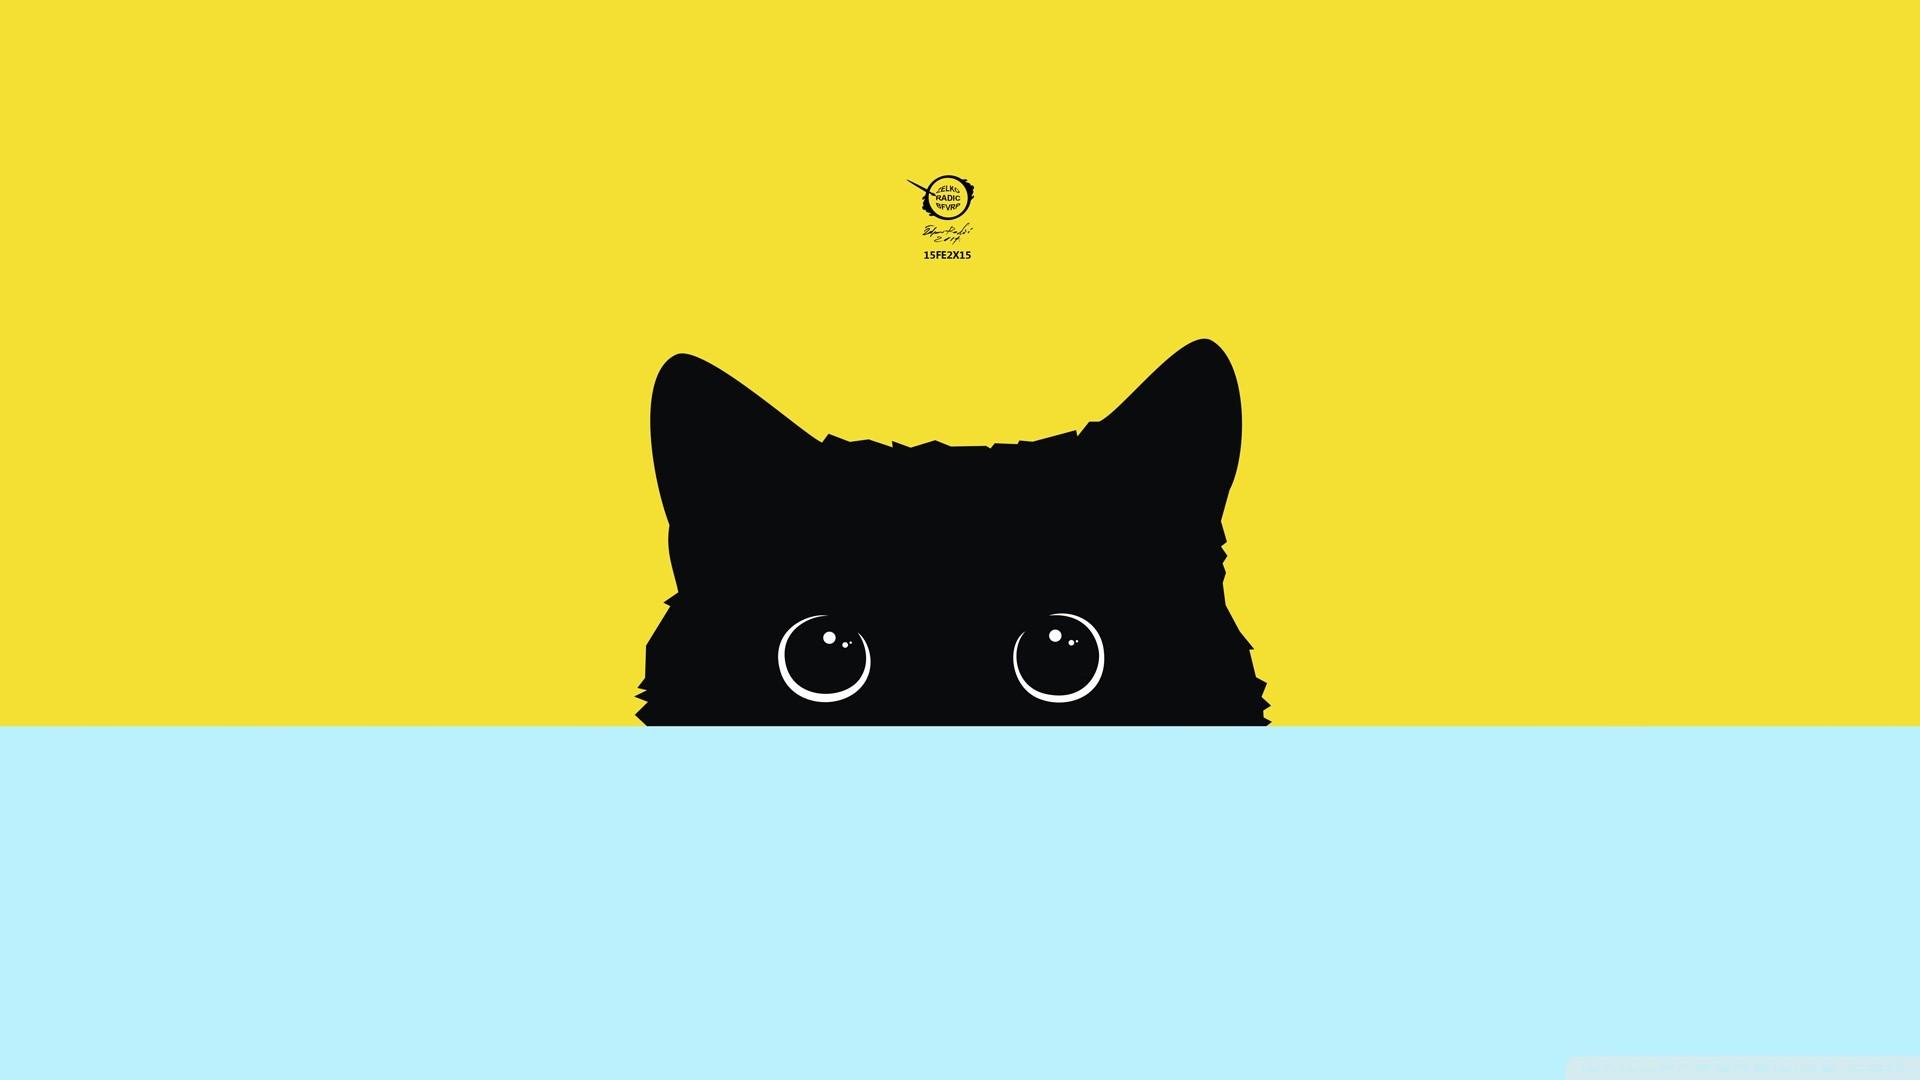 wallpaper : illustration, cat, digital art, minimalism, logo